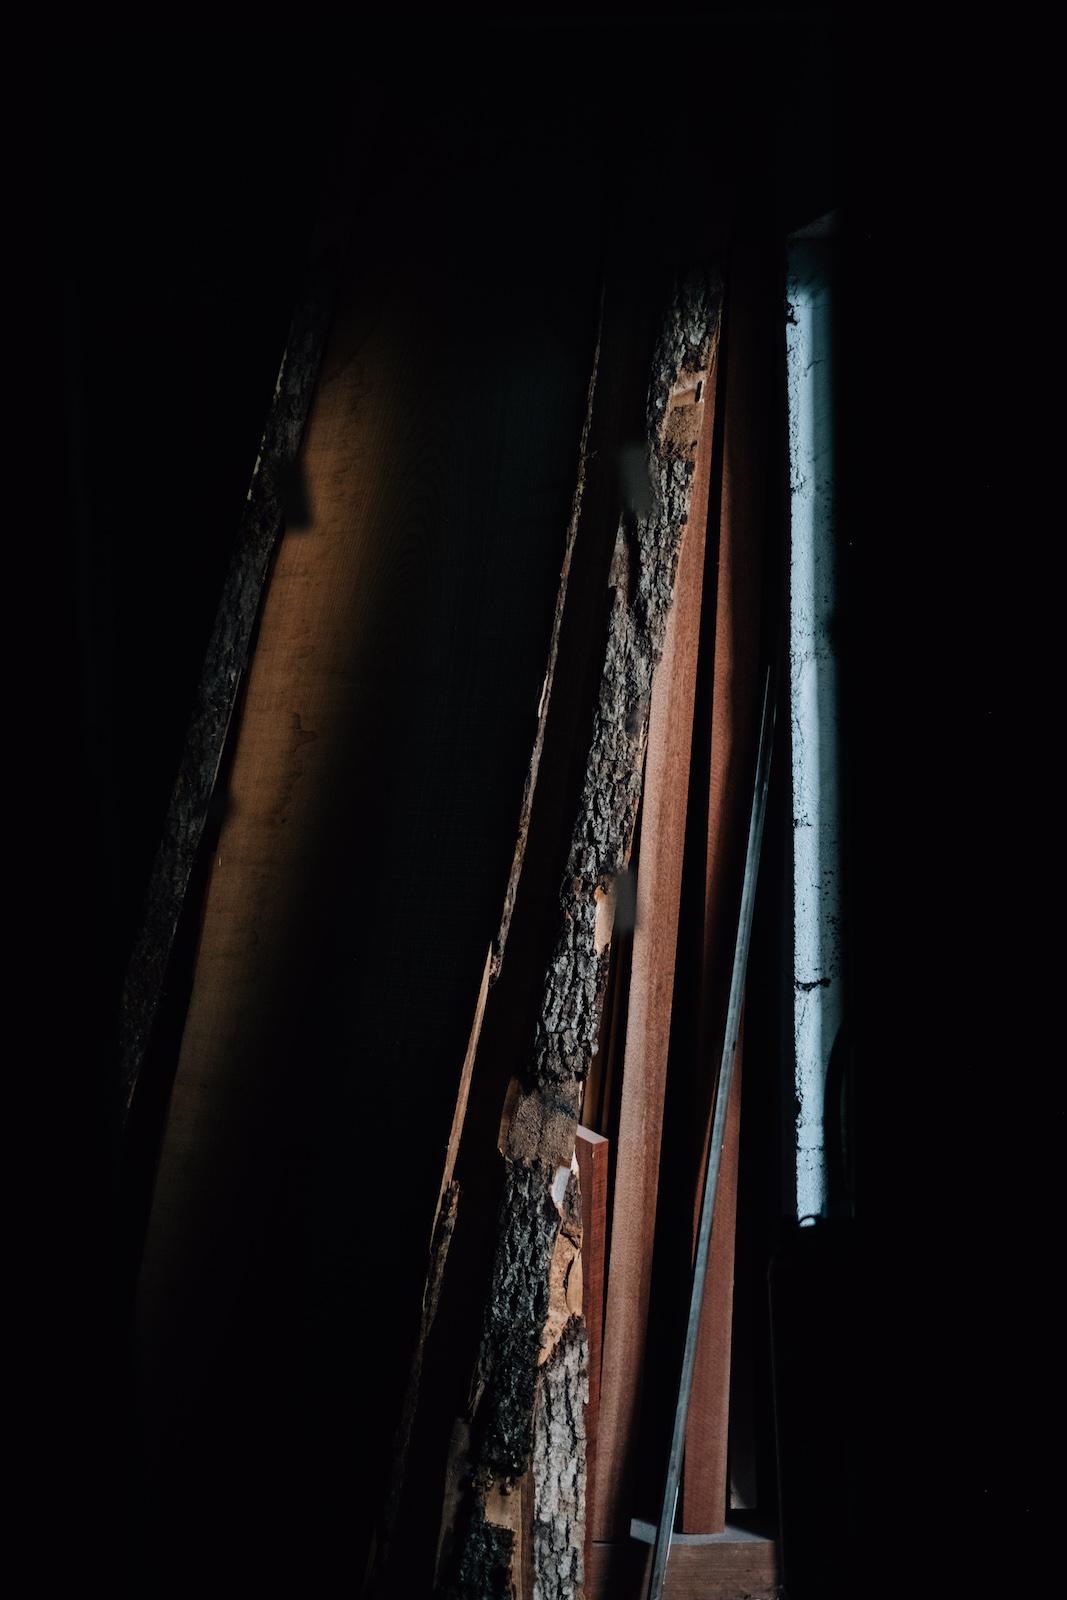 Récit photographique Fujifilm X-pro2